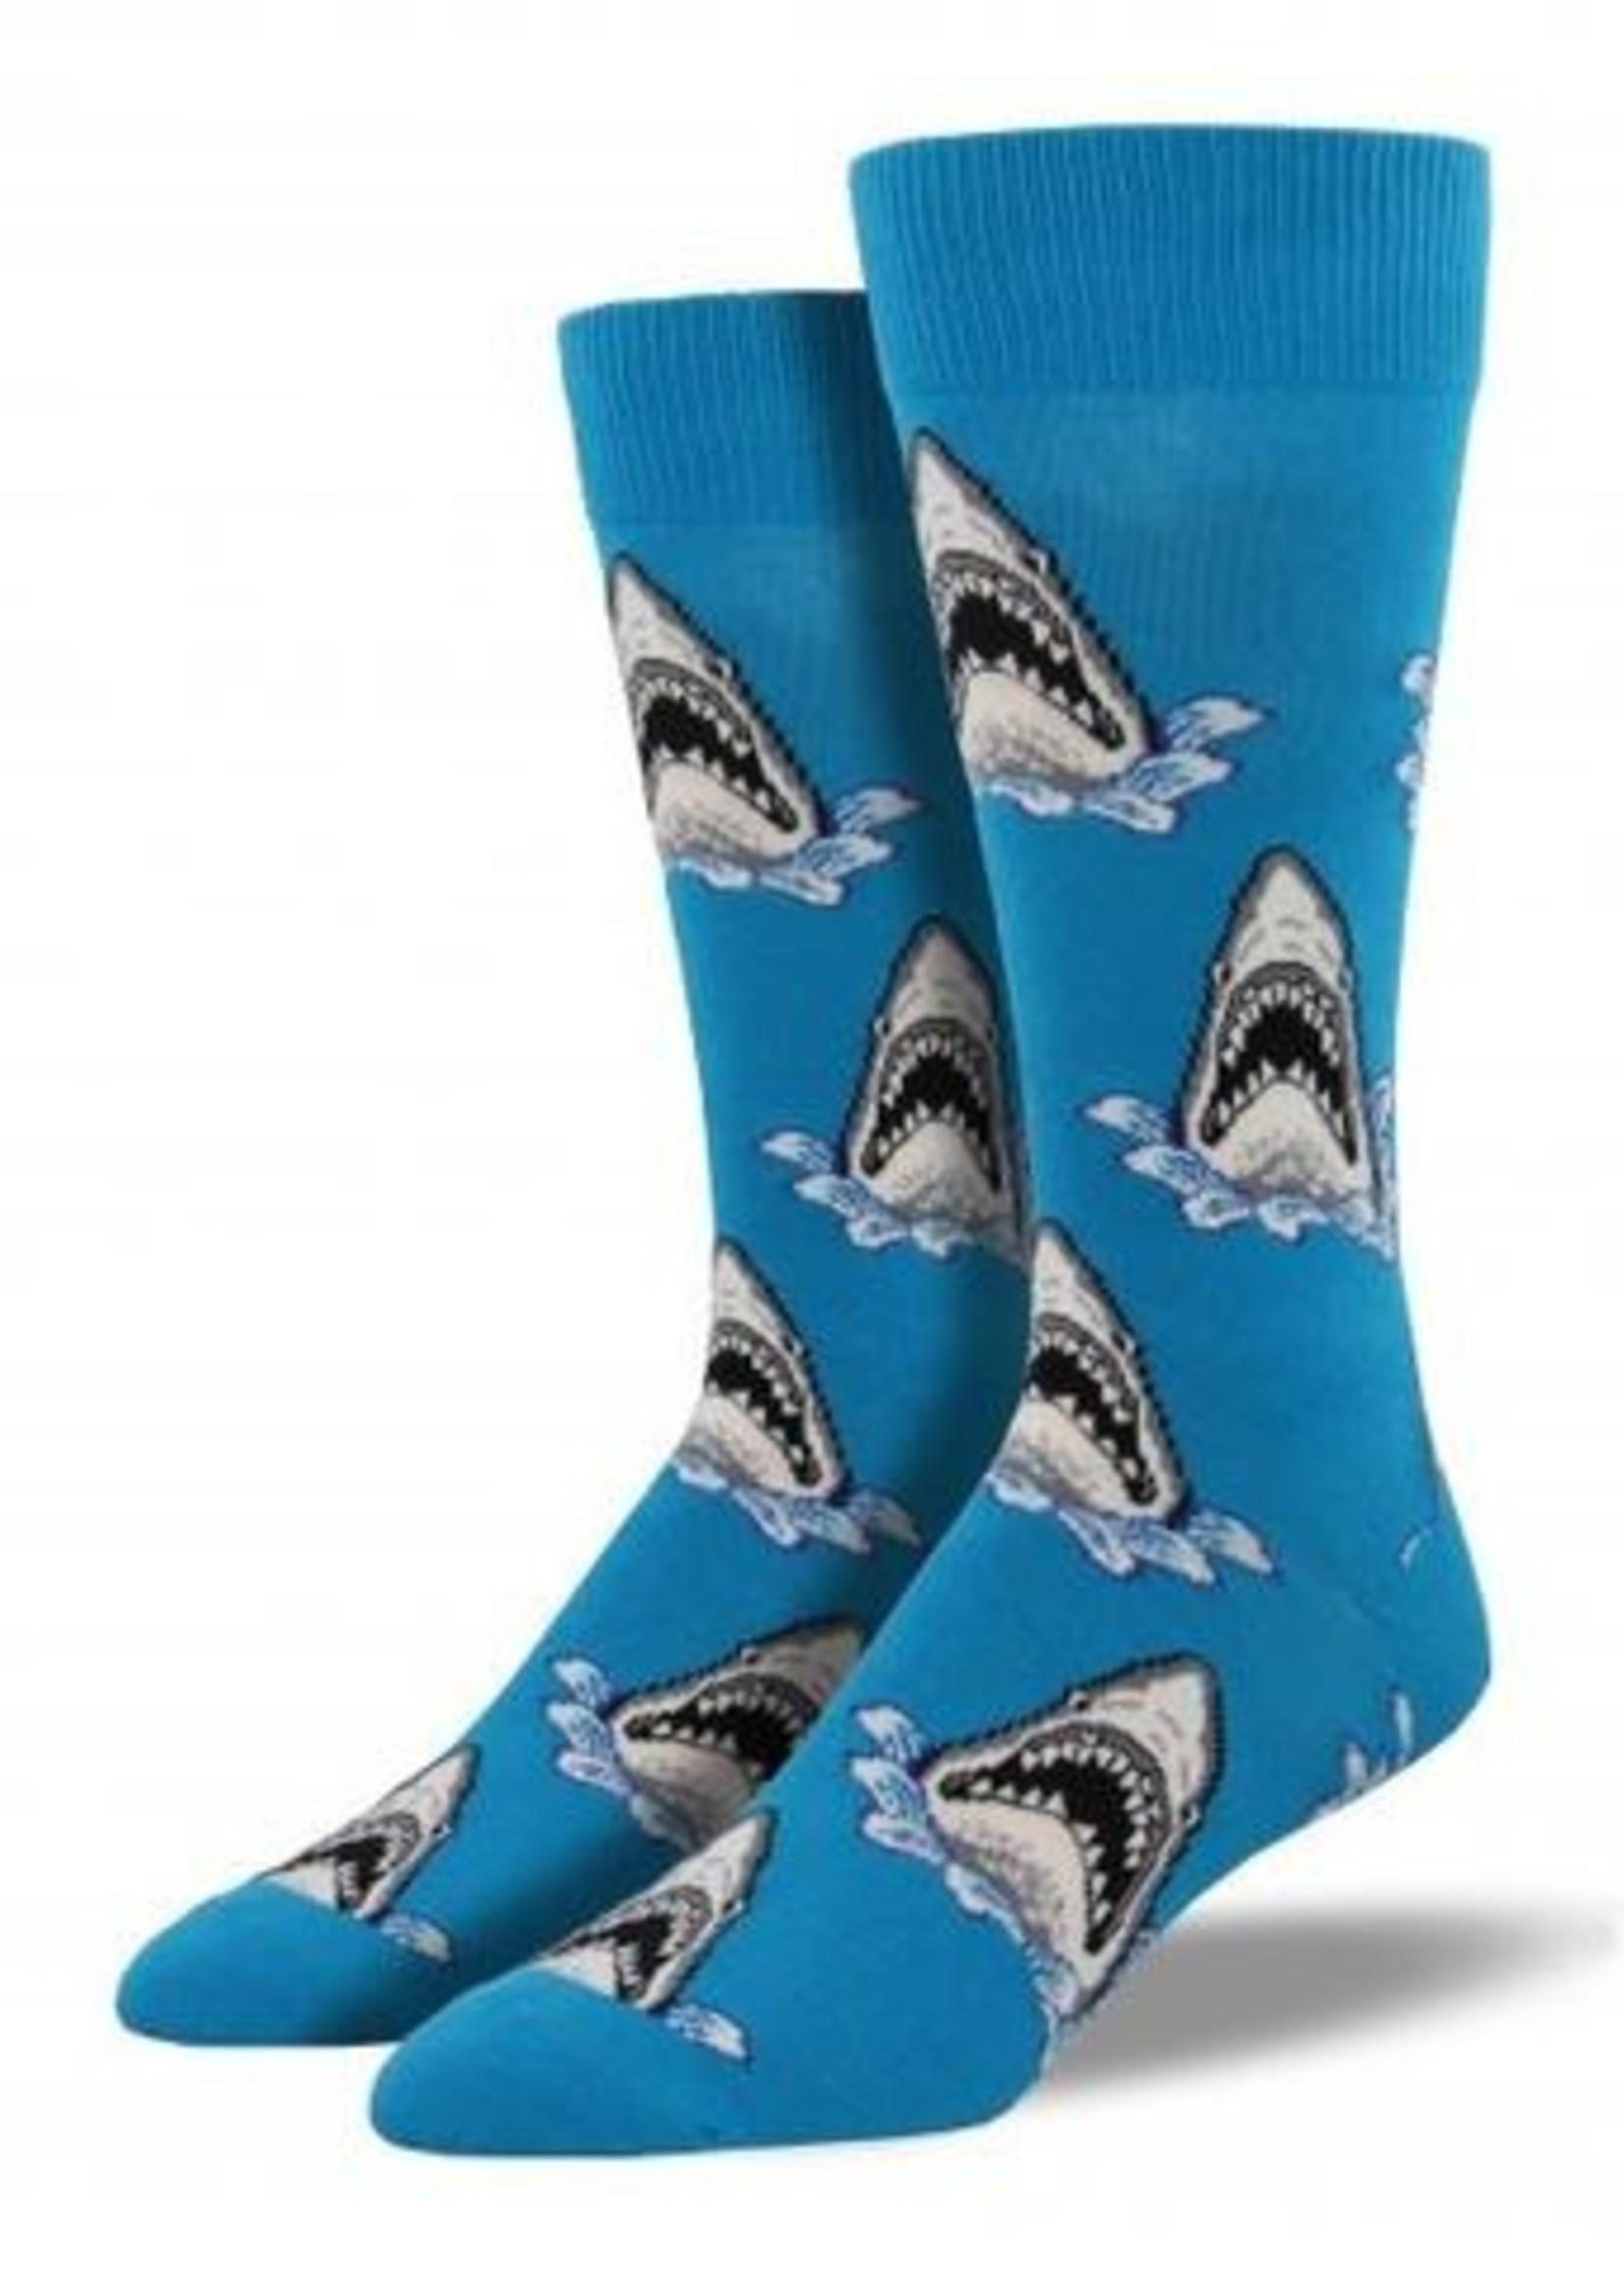 Socksmith Canada Inc MEN'S SHARK ATTACK SOCKS